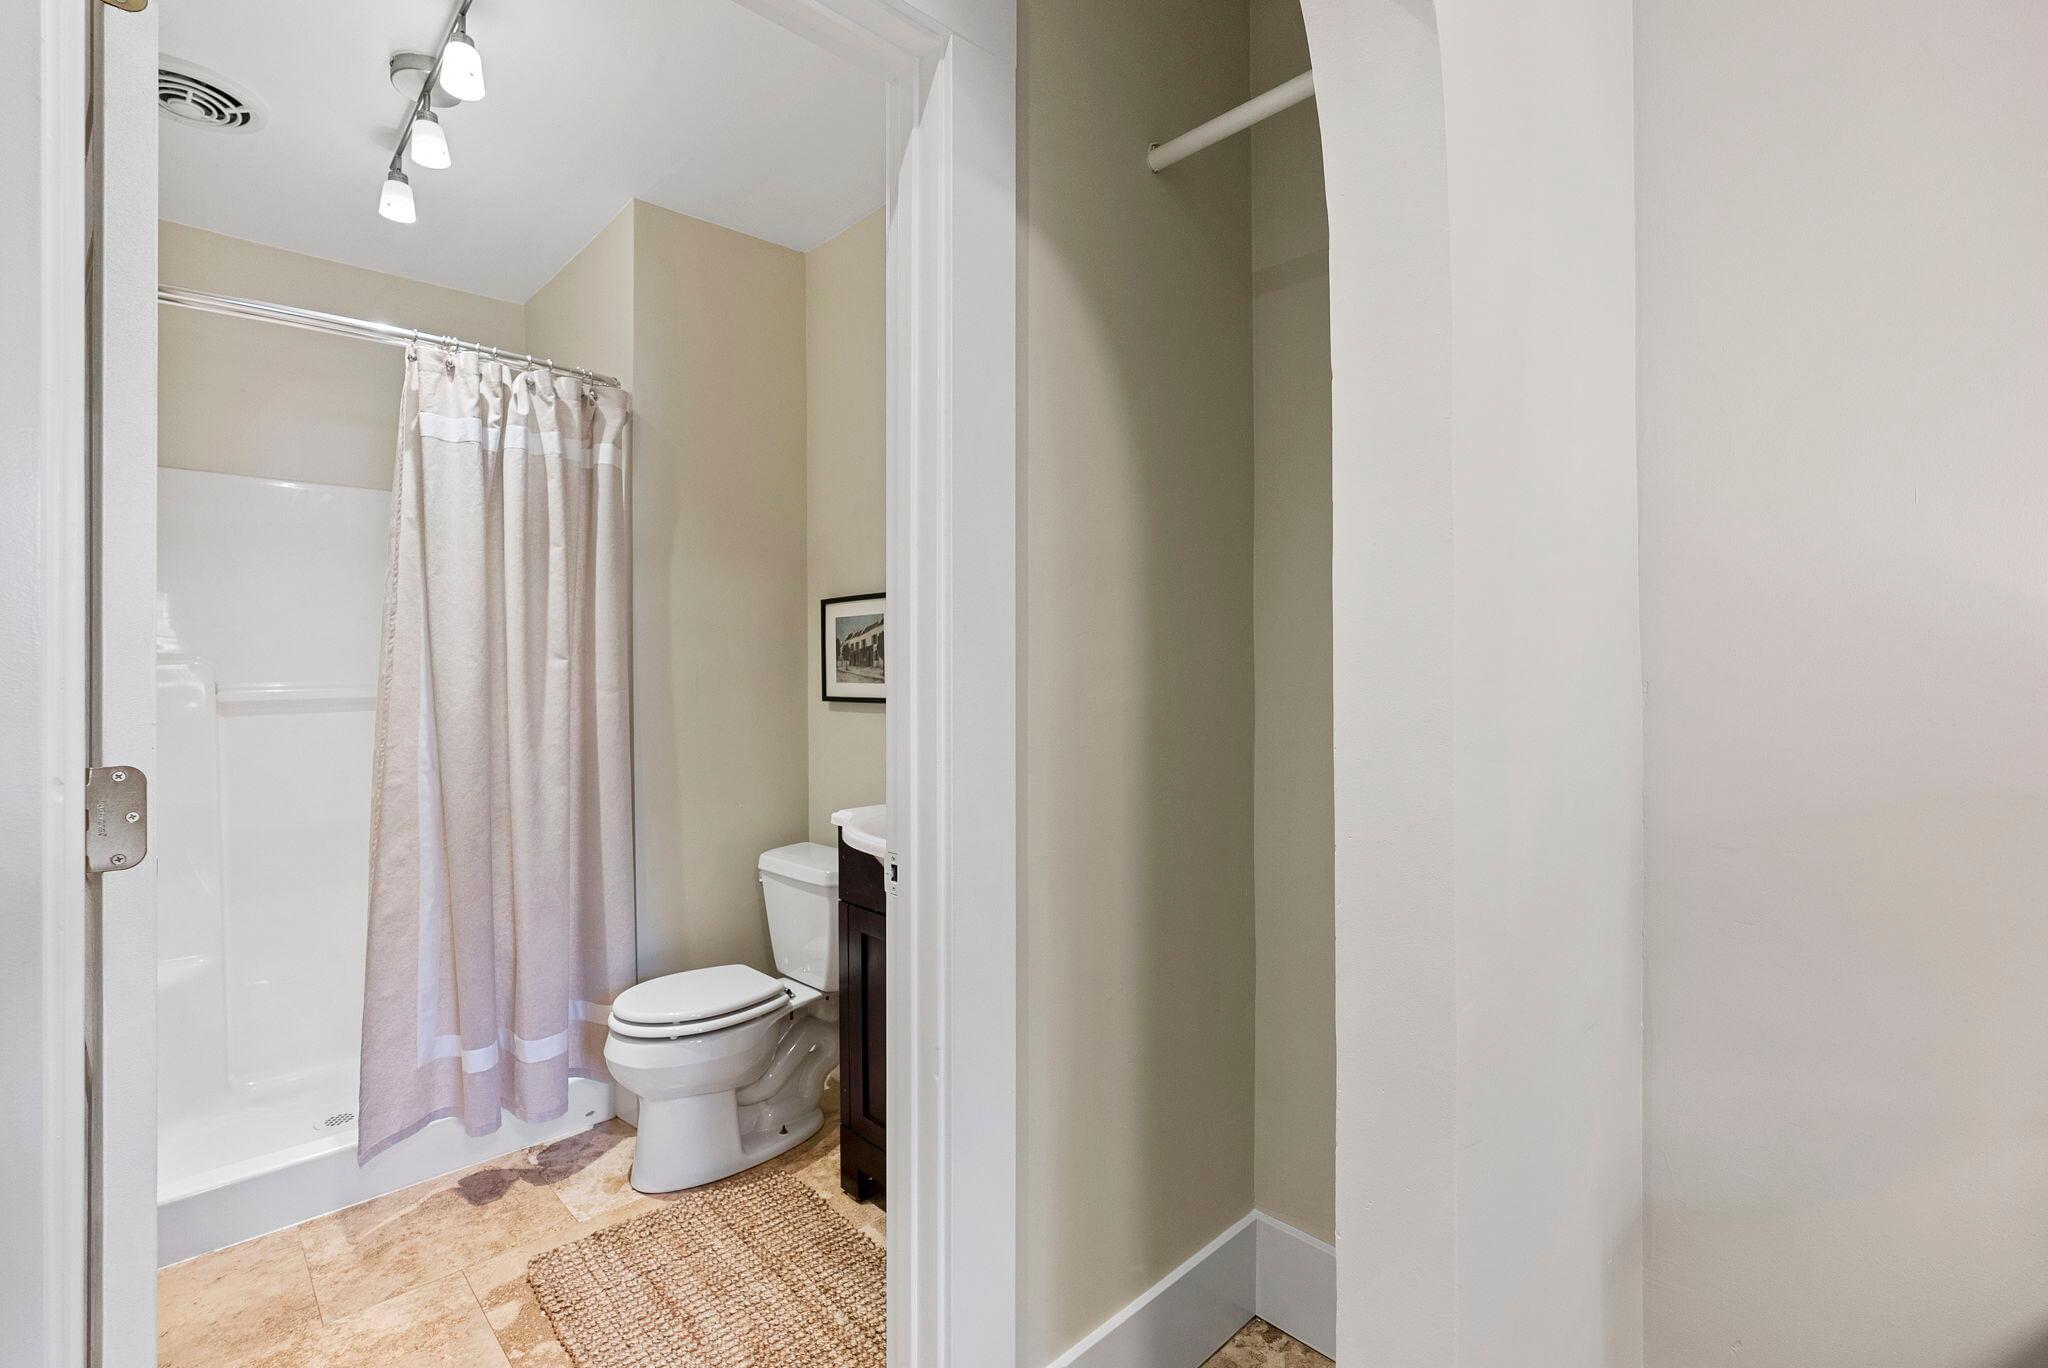 Master closet area and en suite bathroom